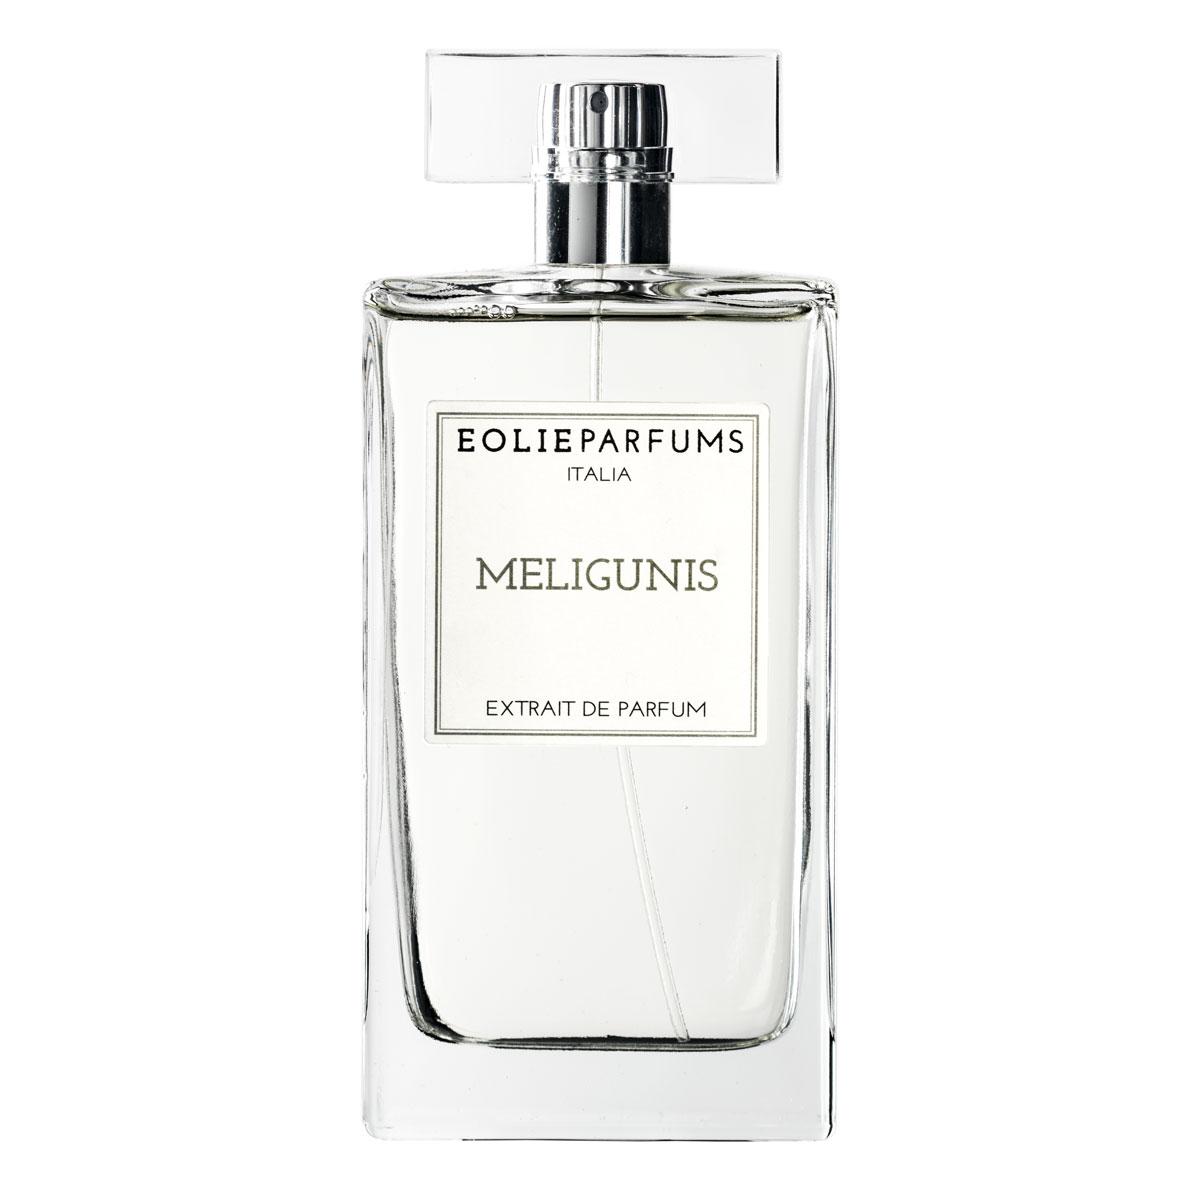 MELIGUNIS EXTRAIT DE PARFUM – Eolieparfums